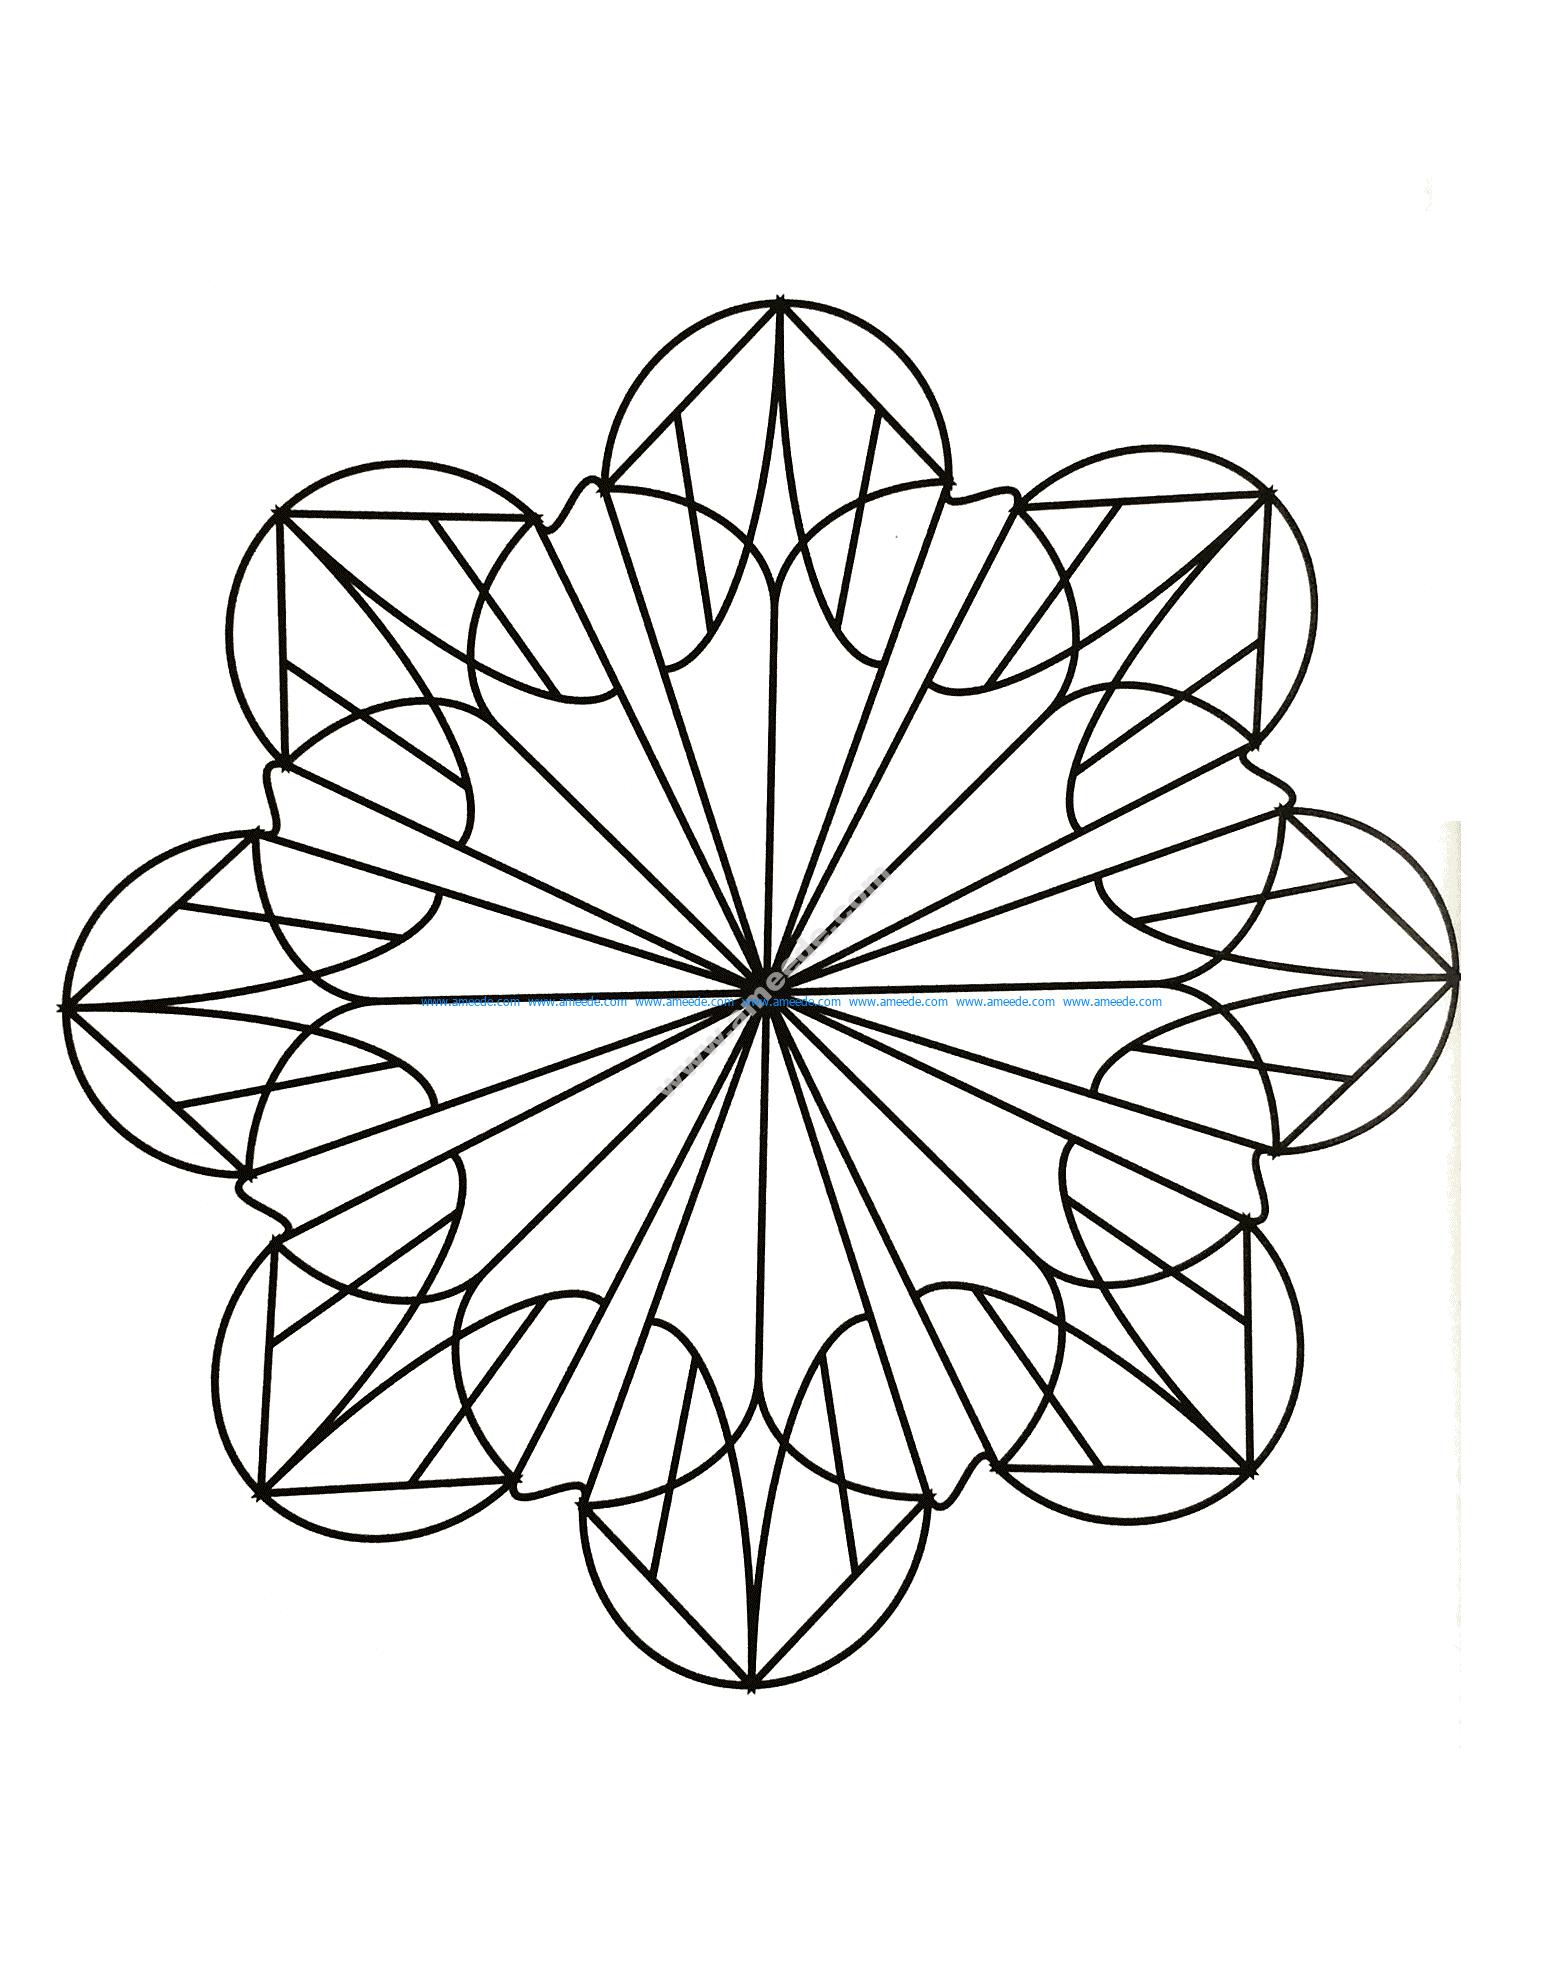 Mandala a colorier gratuit simplicite et harmonie